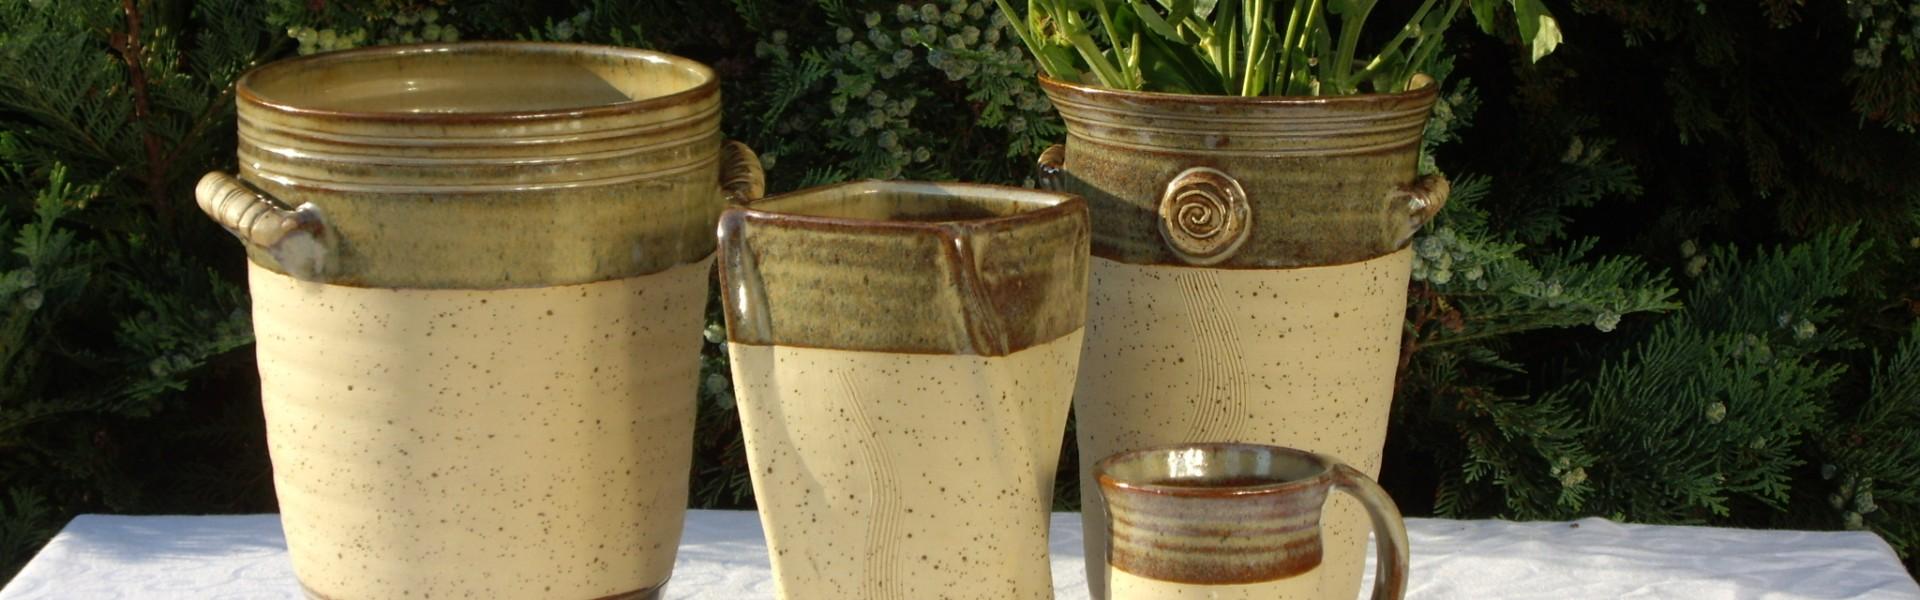 Sylvias Keramik